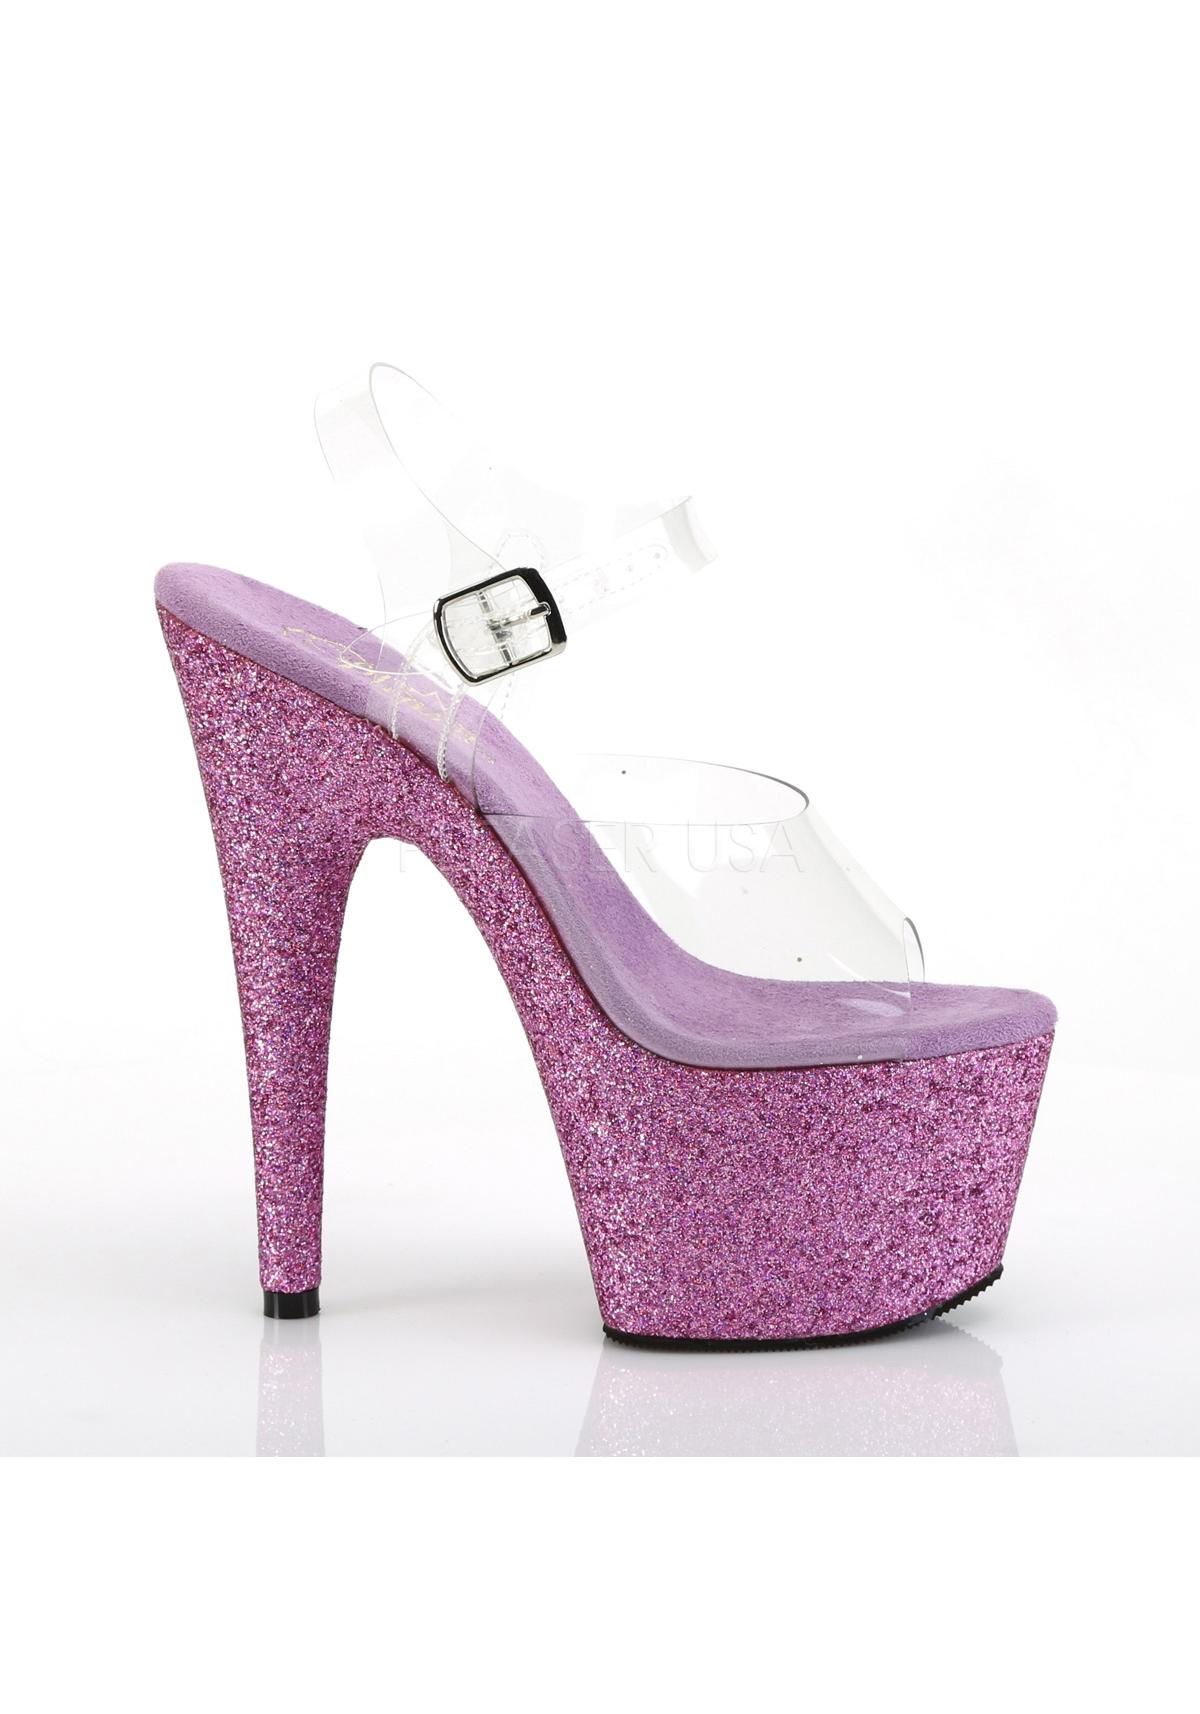 2 3//4 Inch Platform Ankle Strap Sandal Pleaser ADORE-708HMG 7 Inch Heel